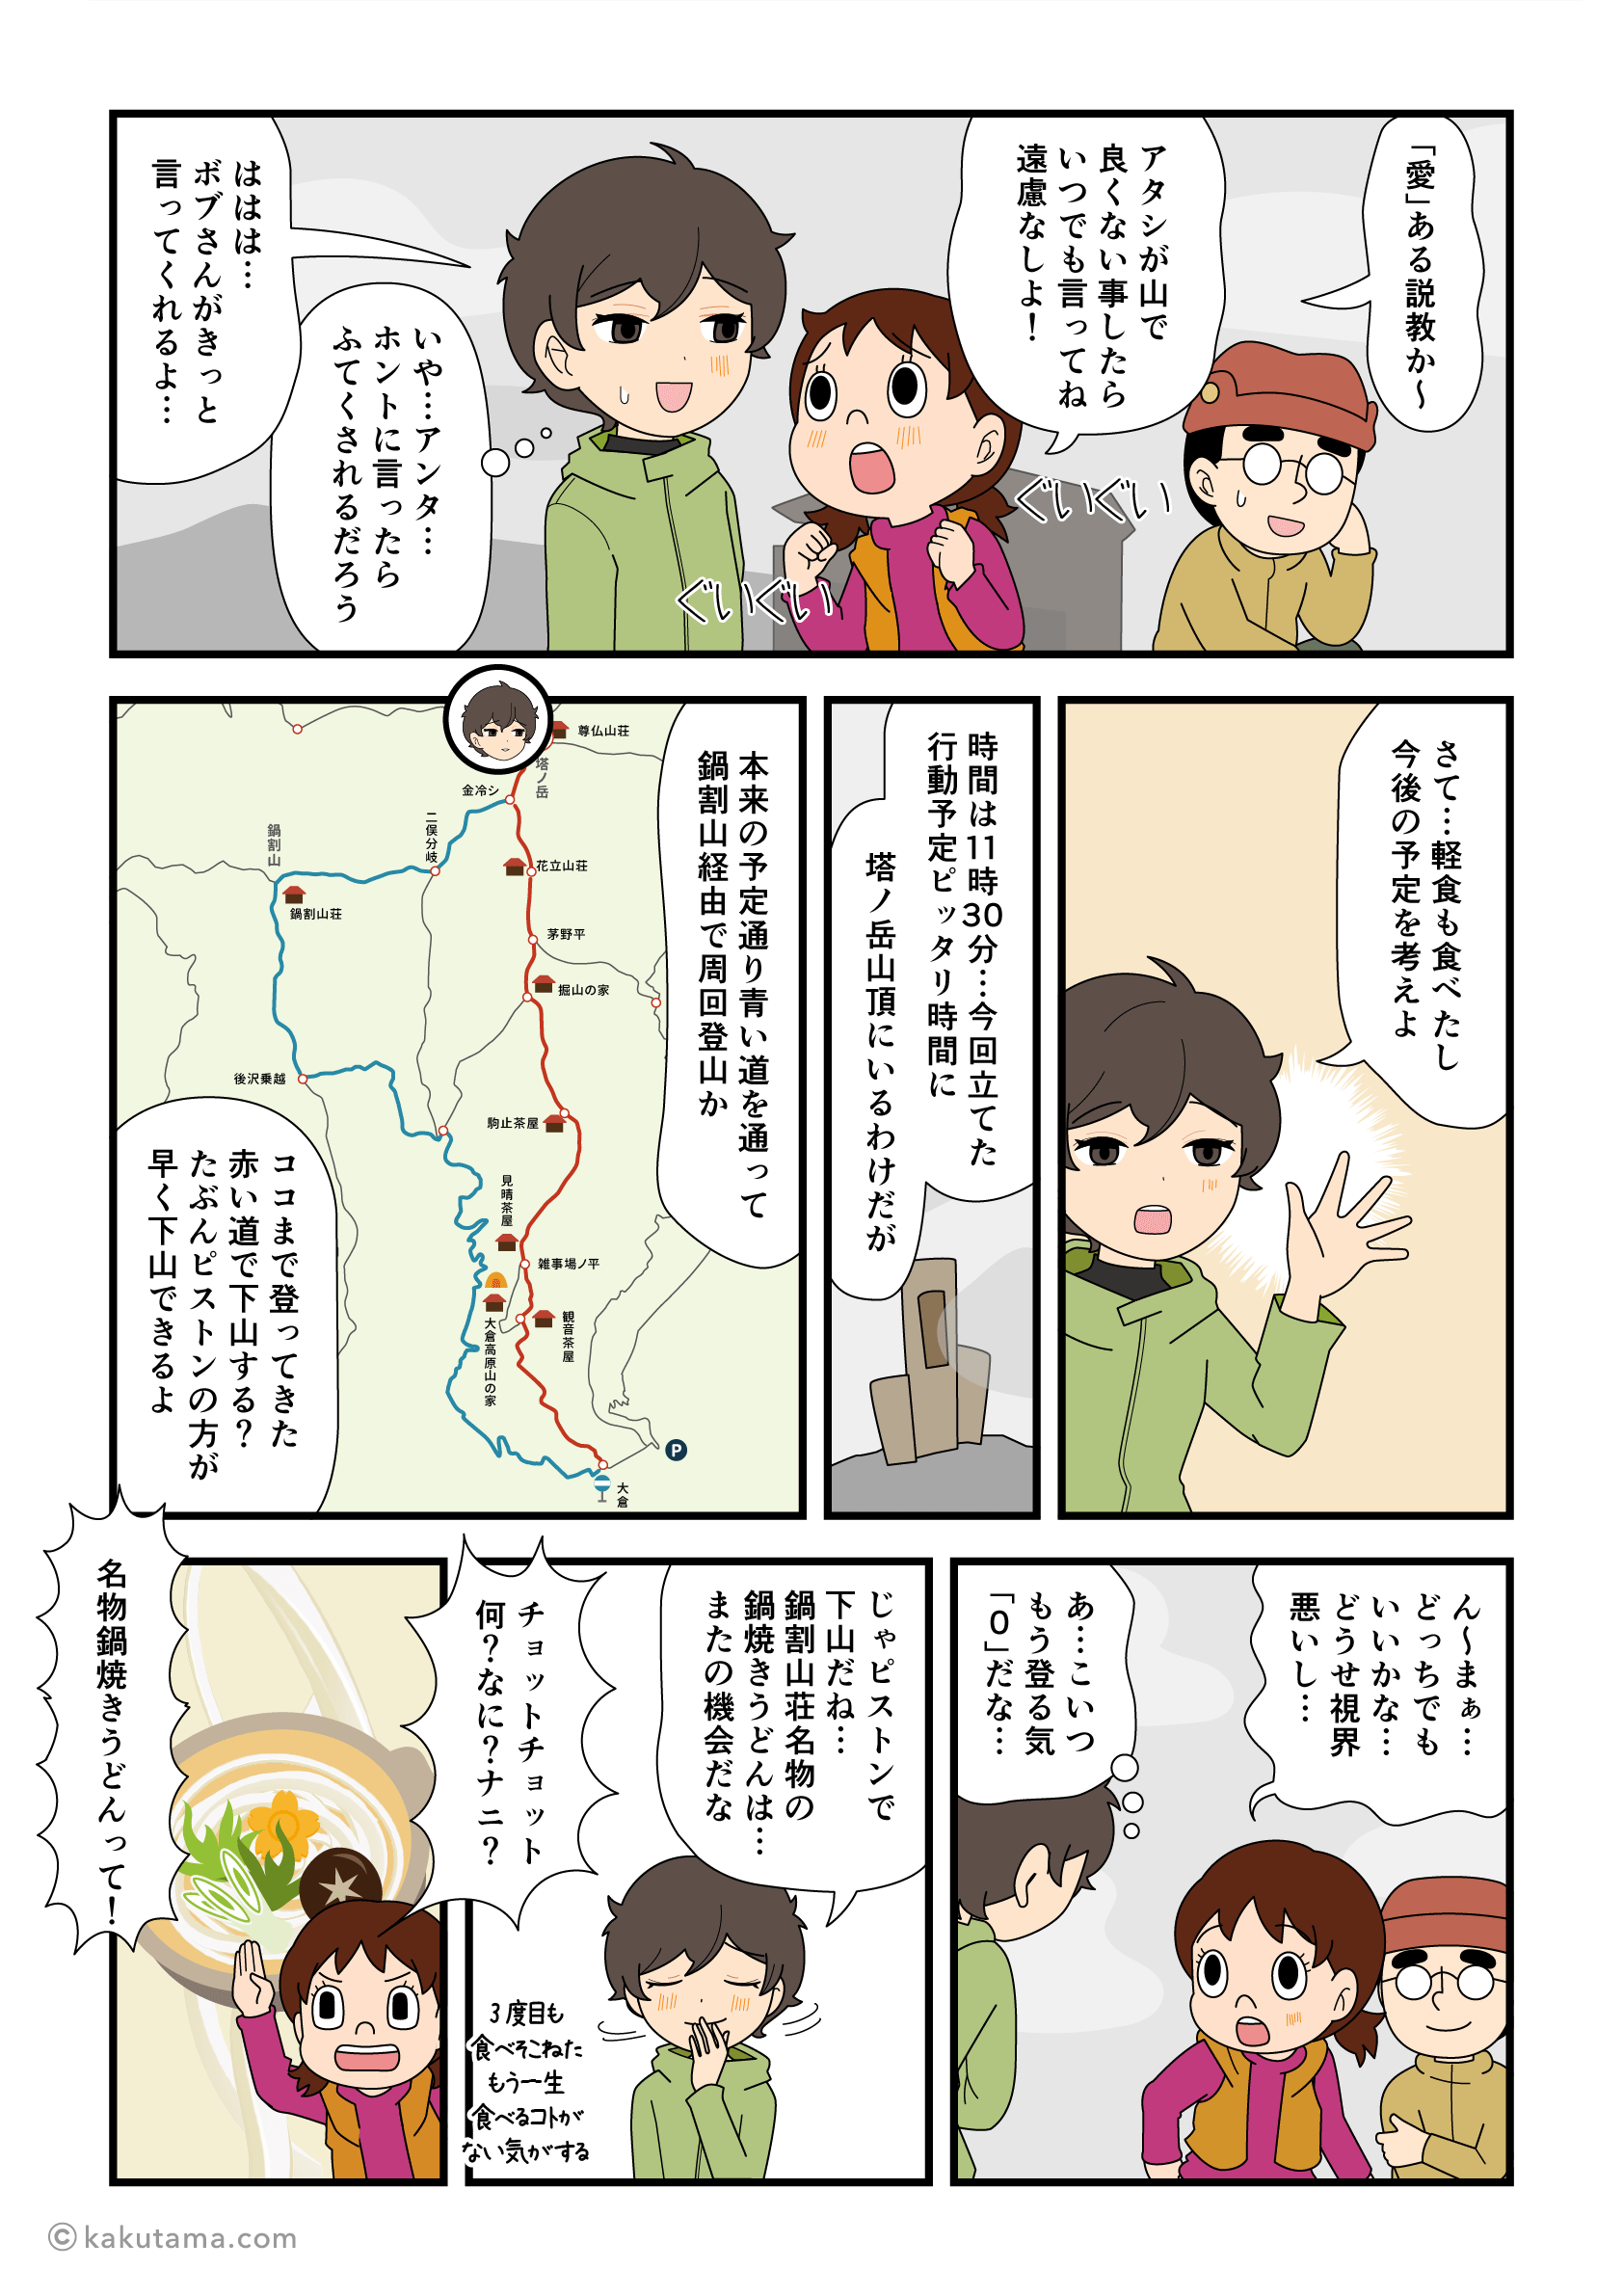 今後の登山計画を見直す登山者の漫画